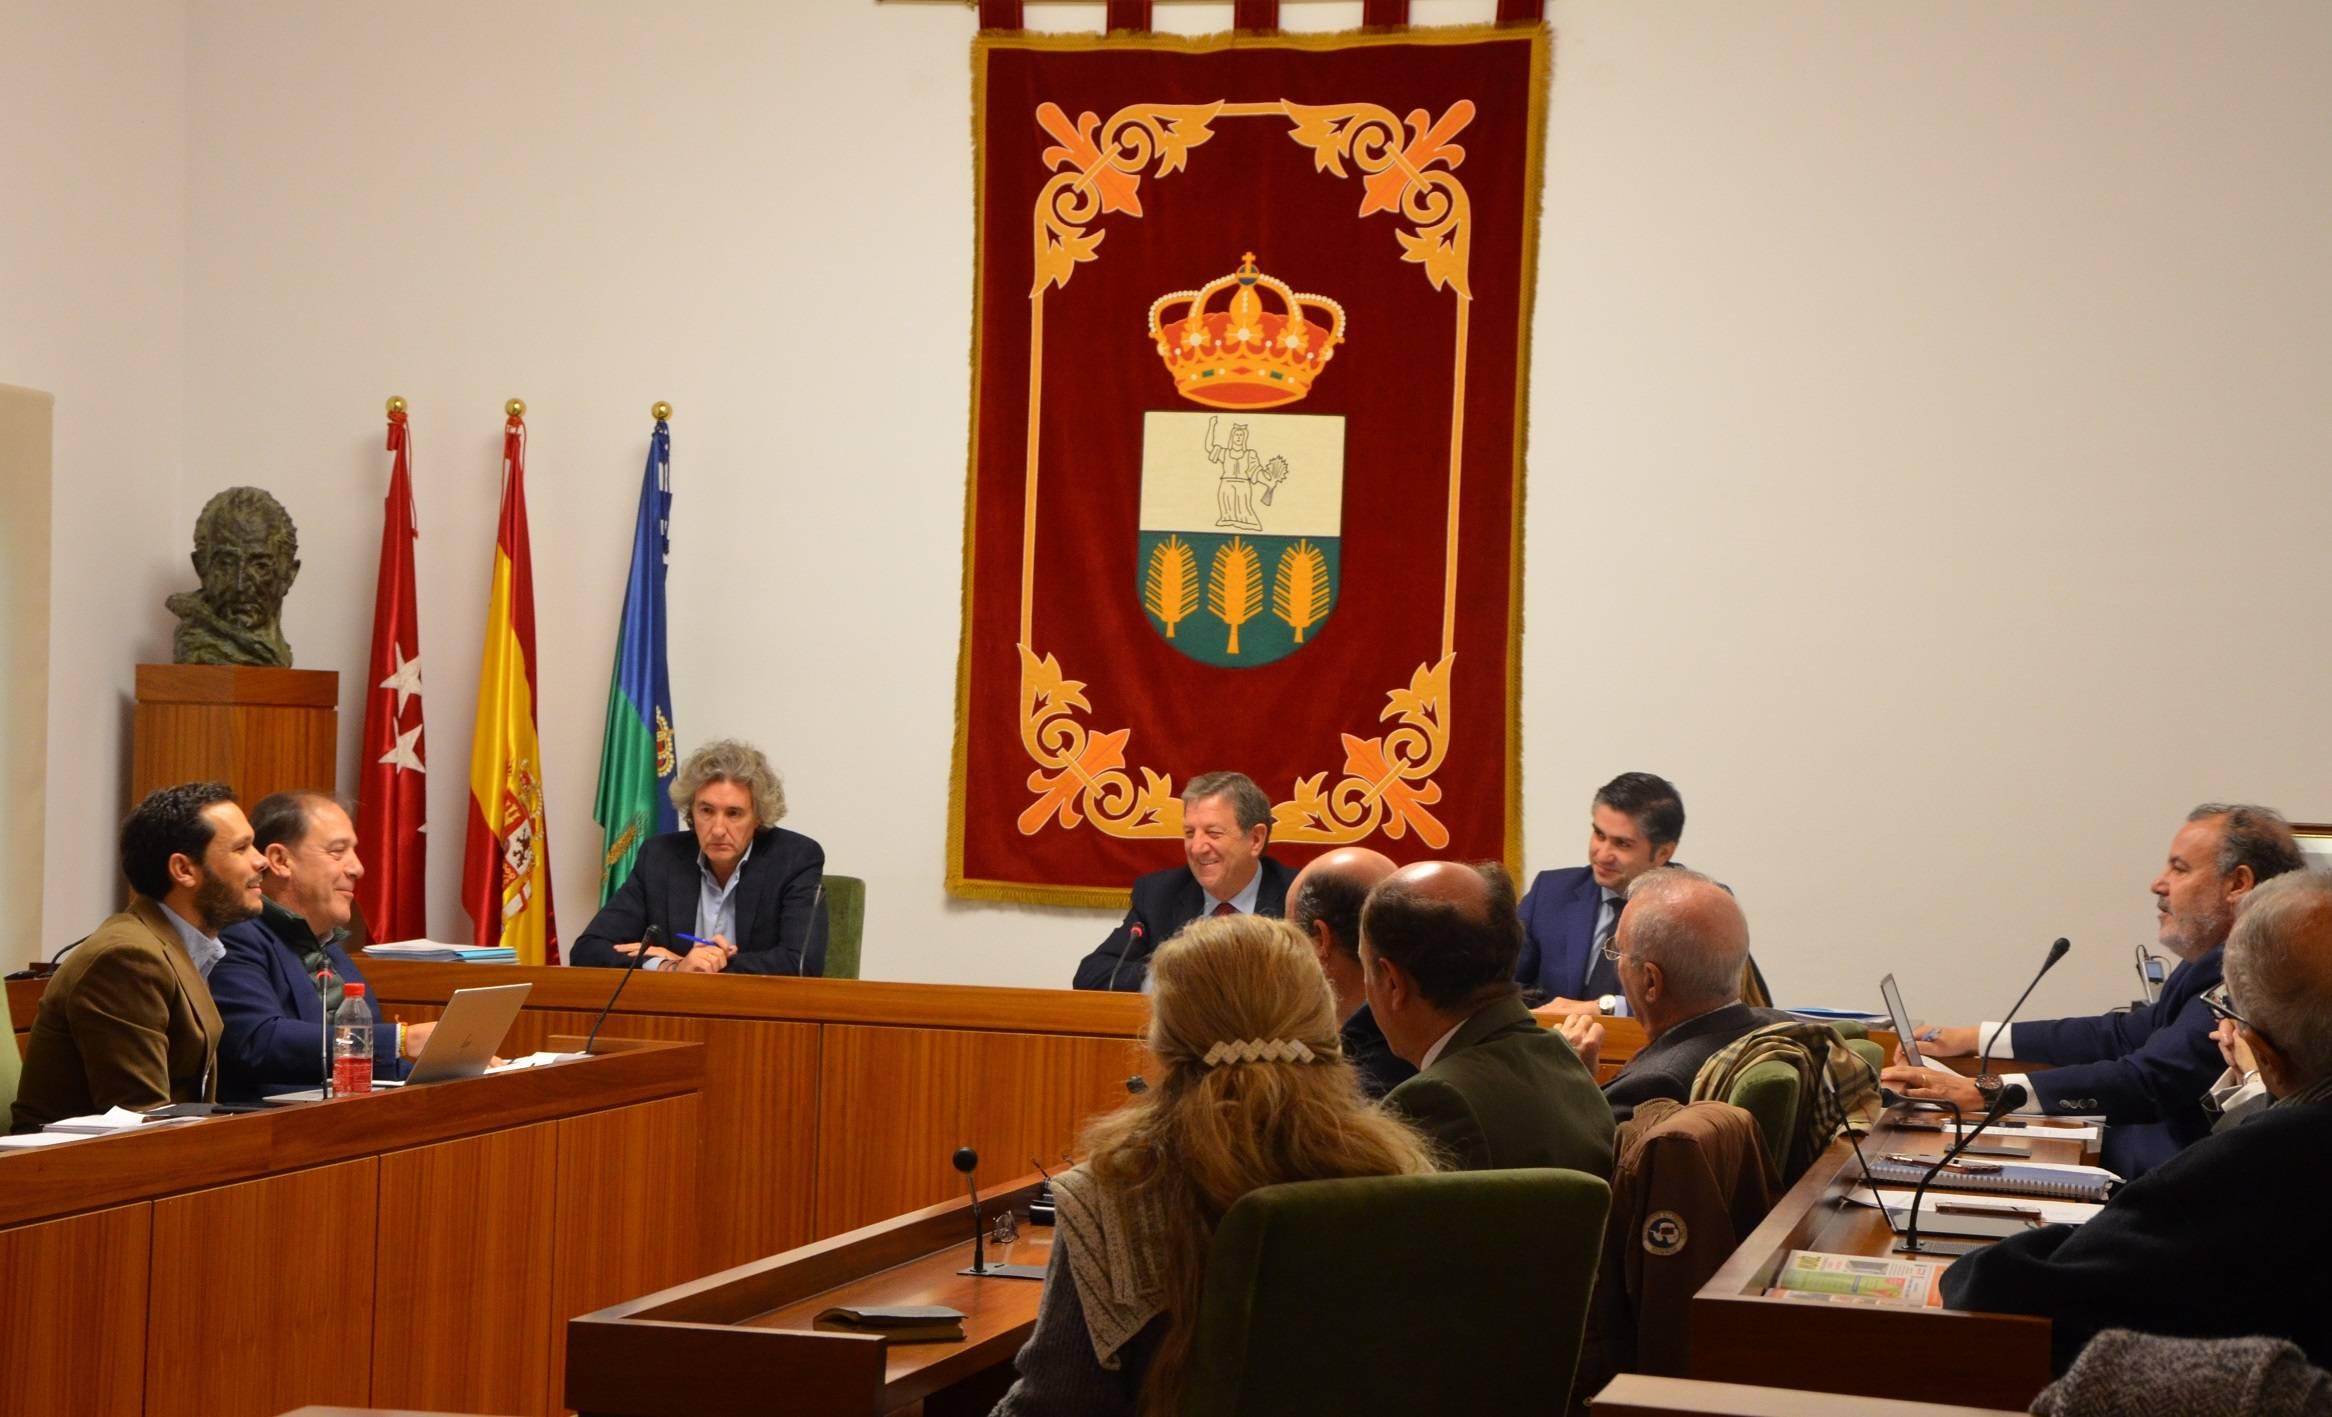 El alcalde y concejales en el pleno.